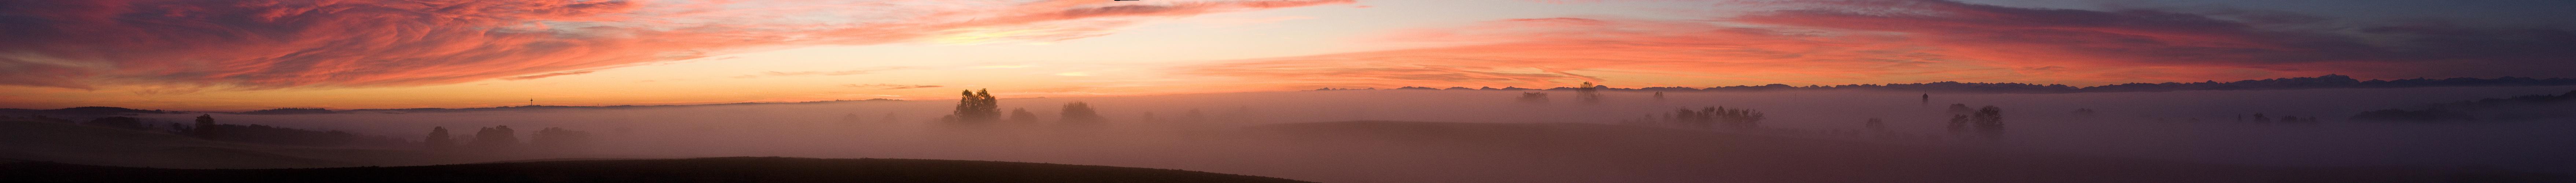 Alpenblick am Morgen